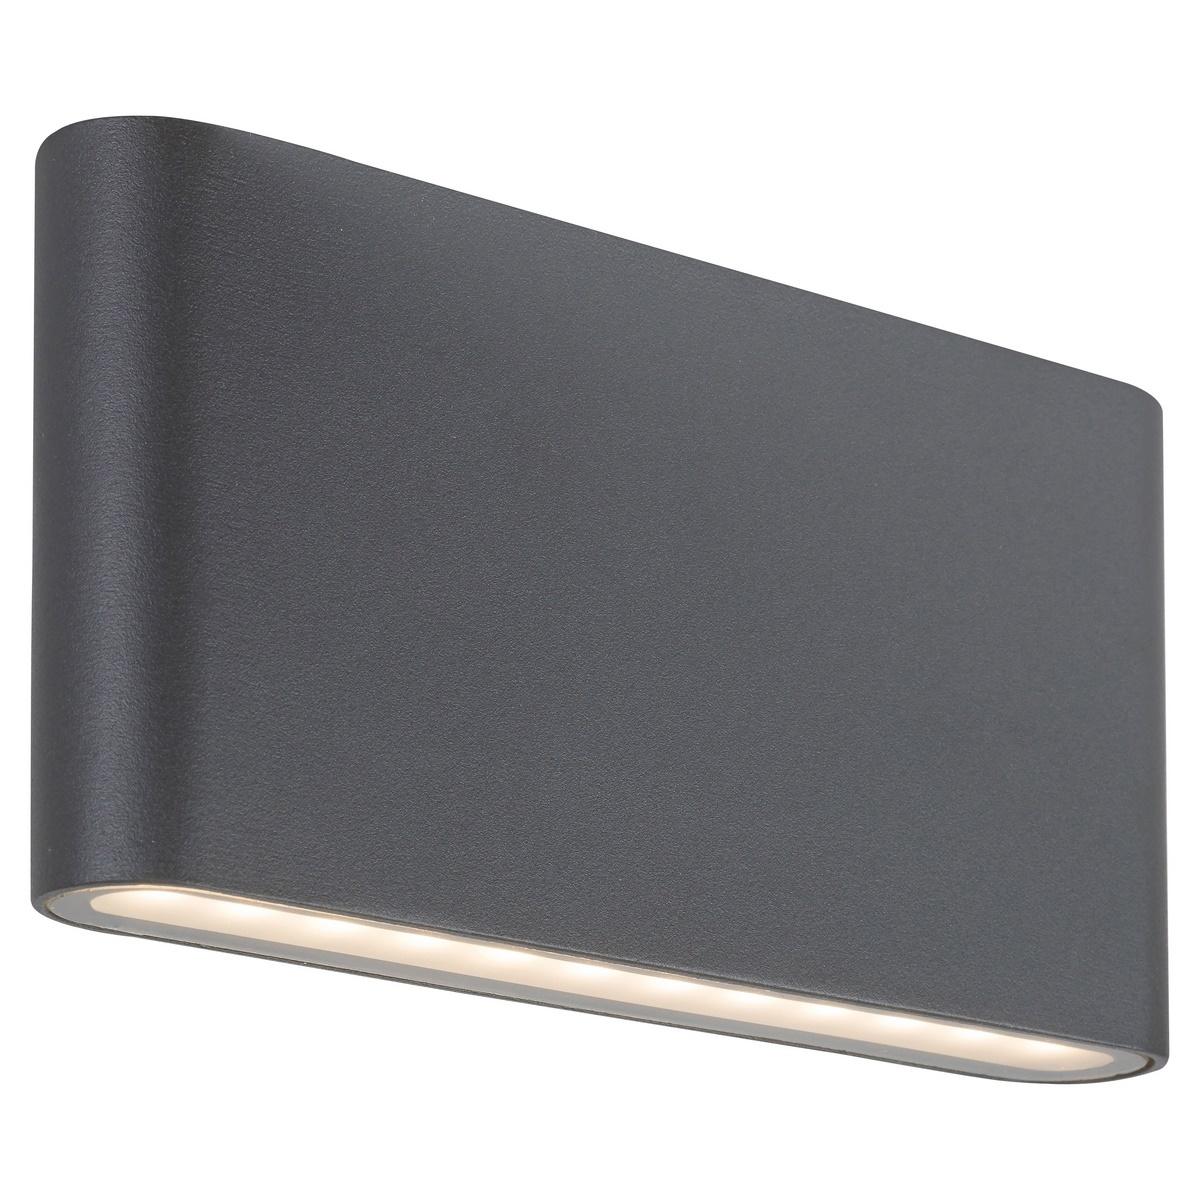 Produktové foto Rabalux 7952 Nesna Venkovní LED nástěnné svítidlo, černá